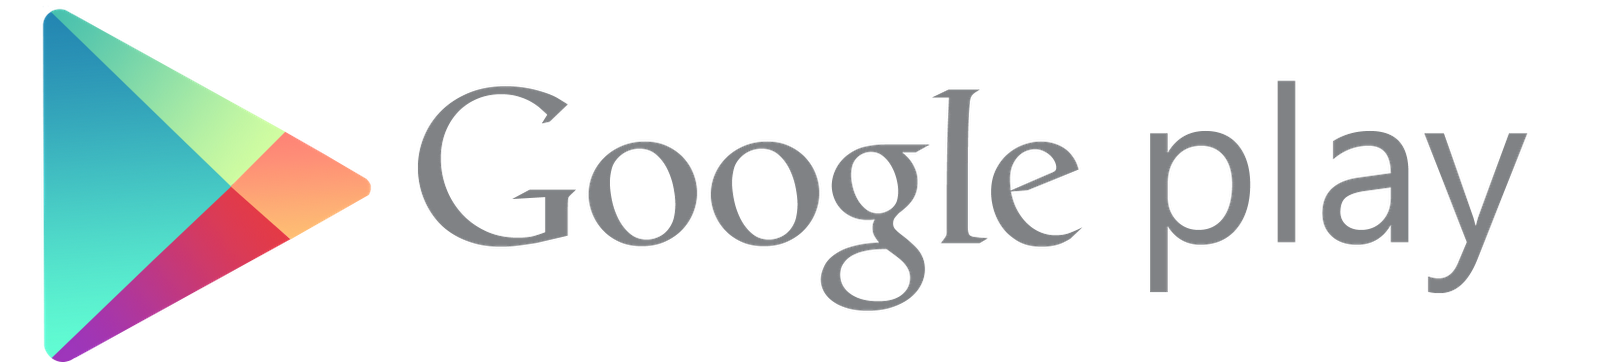 Google play консоль под - b855